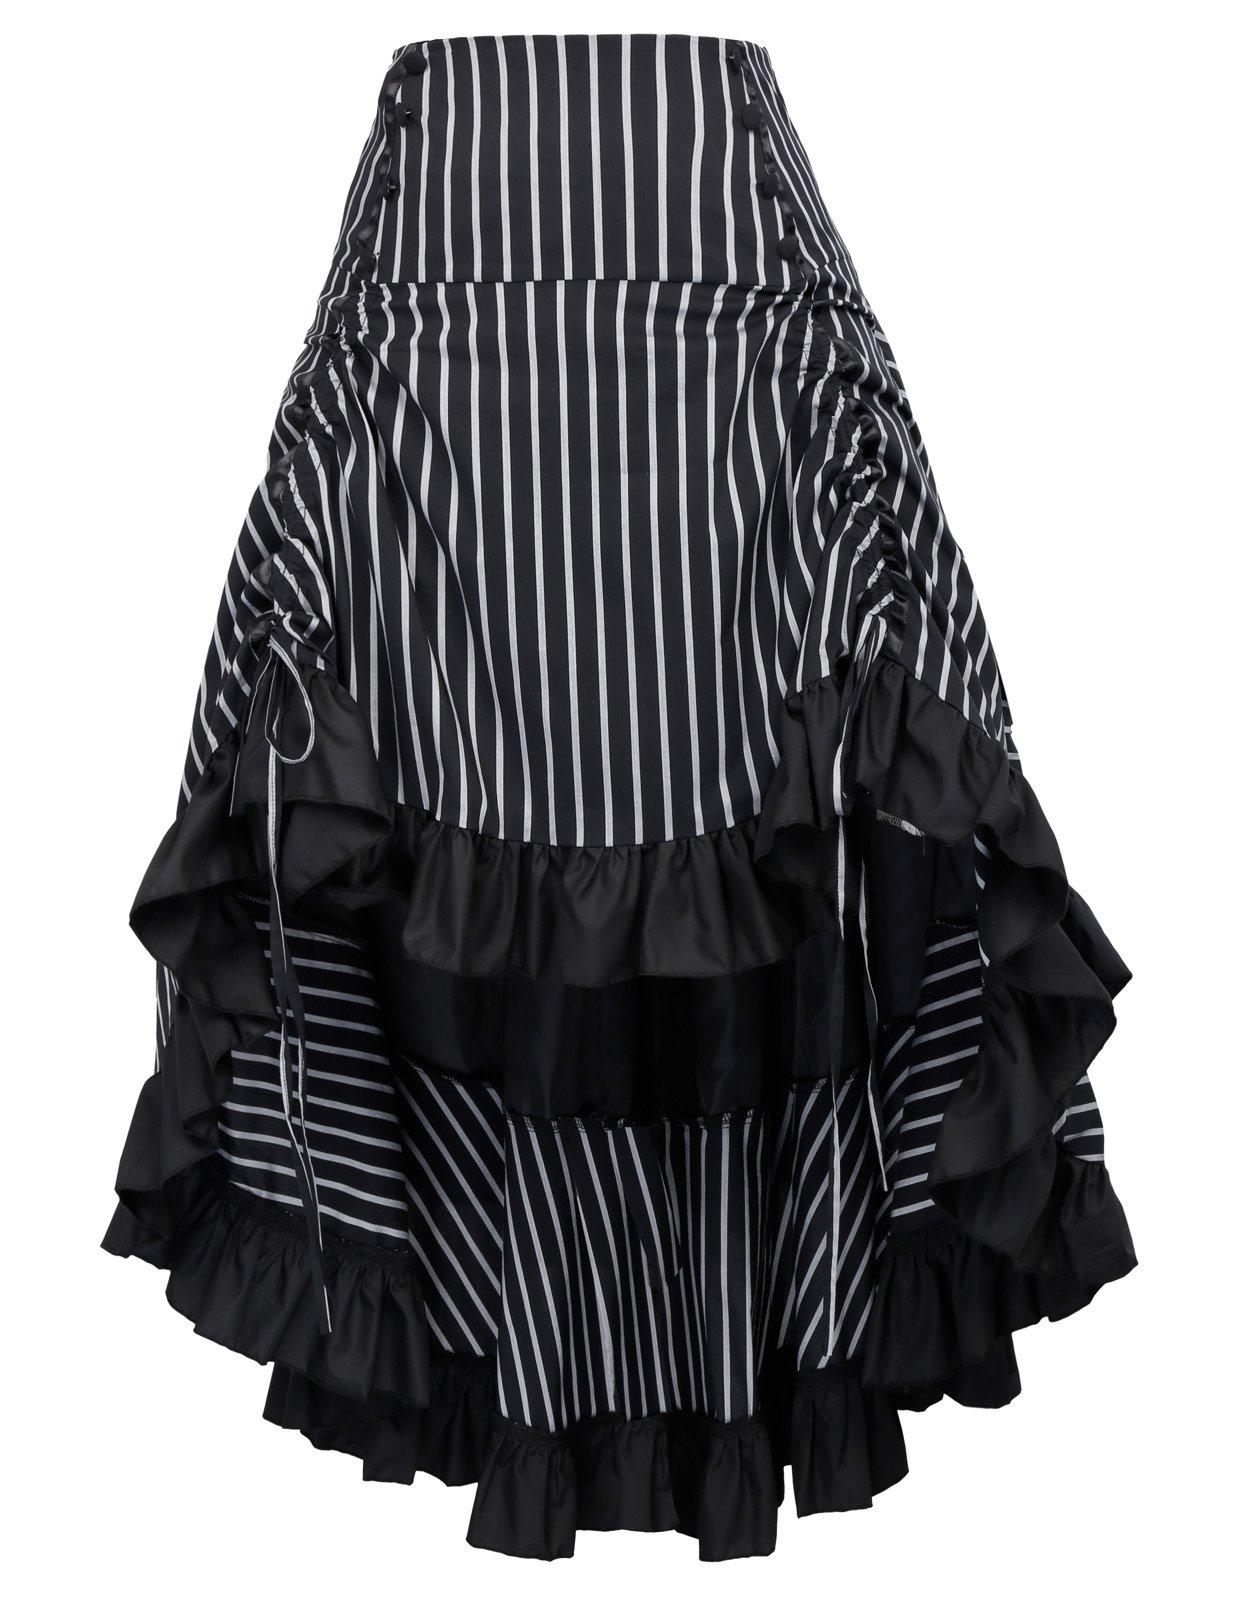 Striped Steampunk Skirt for Women Victorian Bustle Skirt with Zipper BP345-2 L